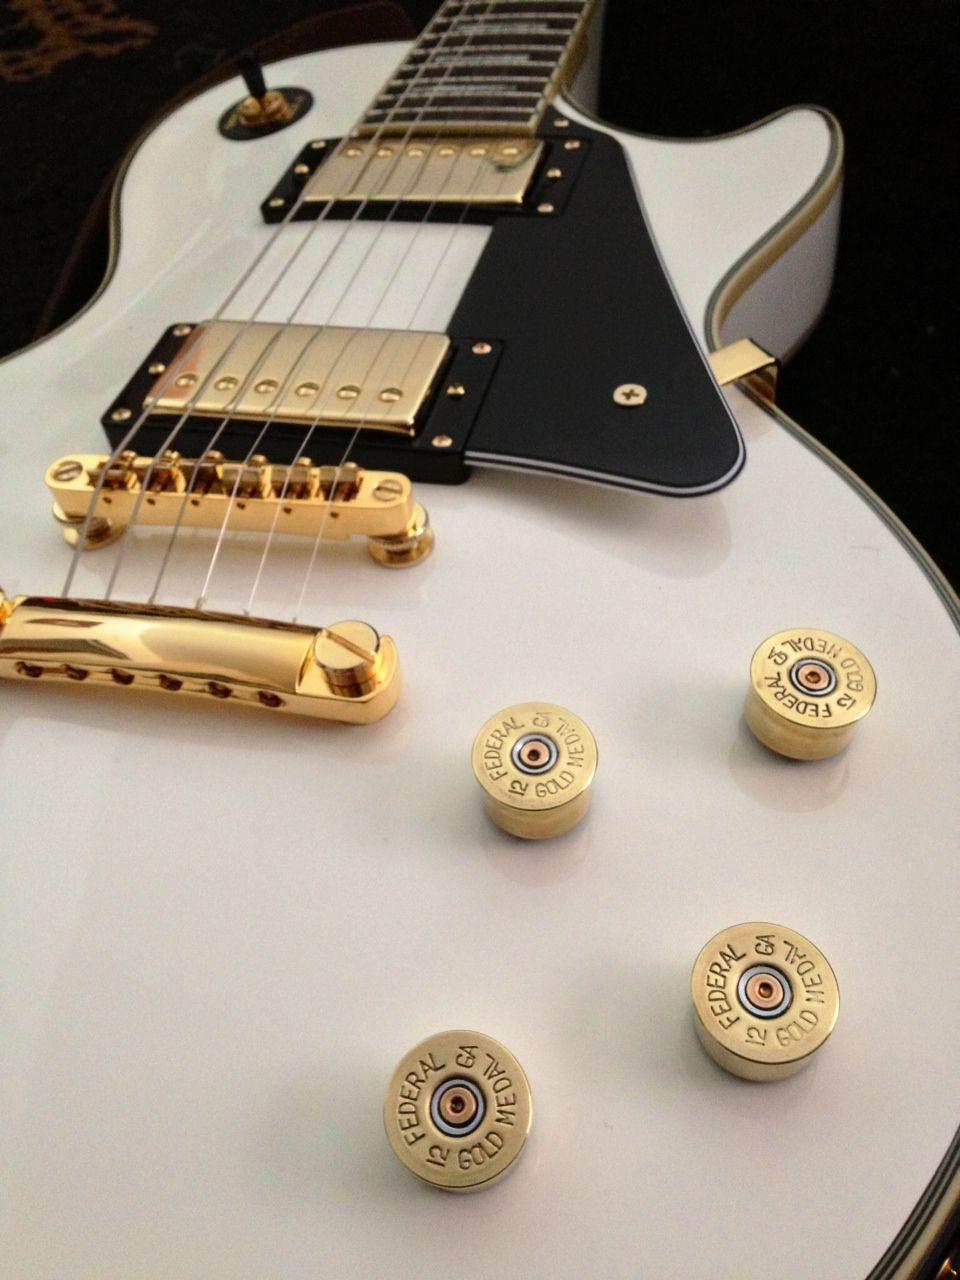 Federal Shotgun Shell Guitar Knobs